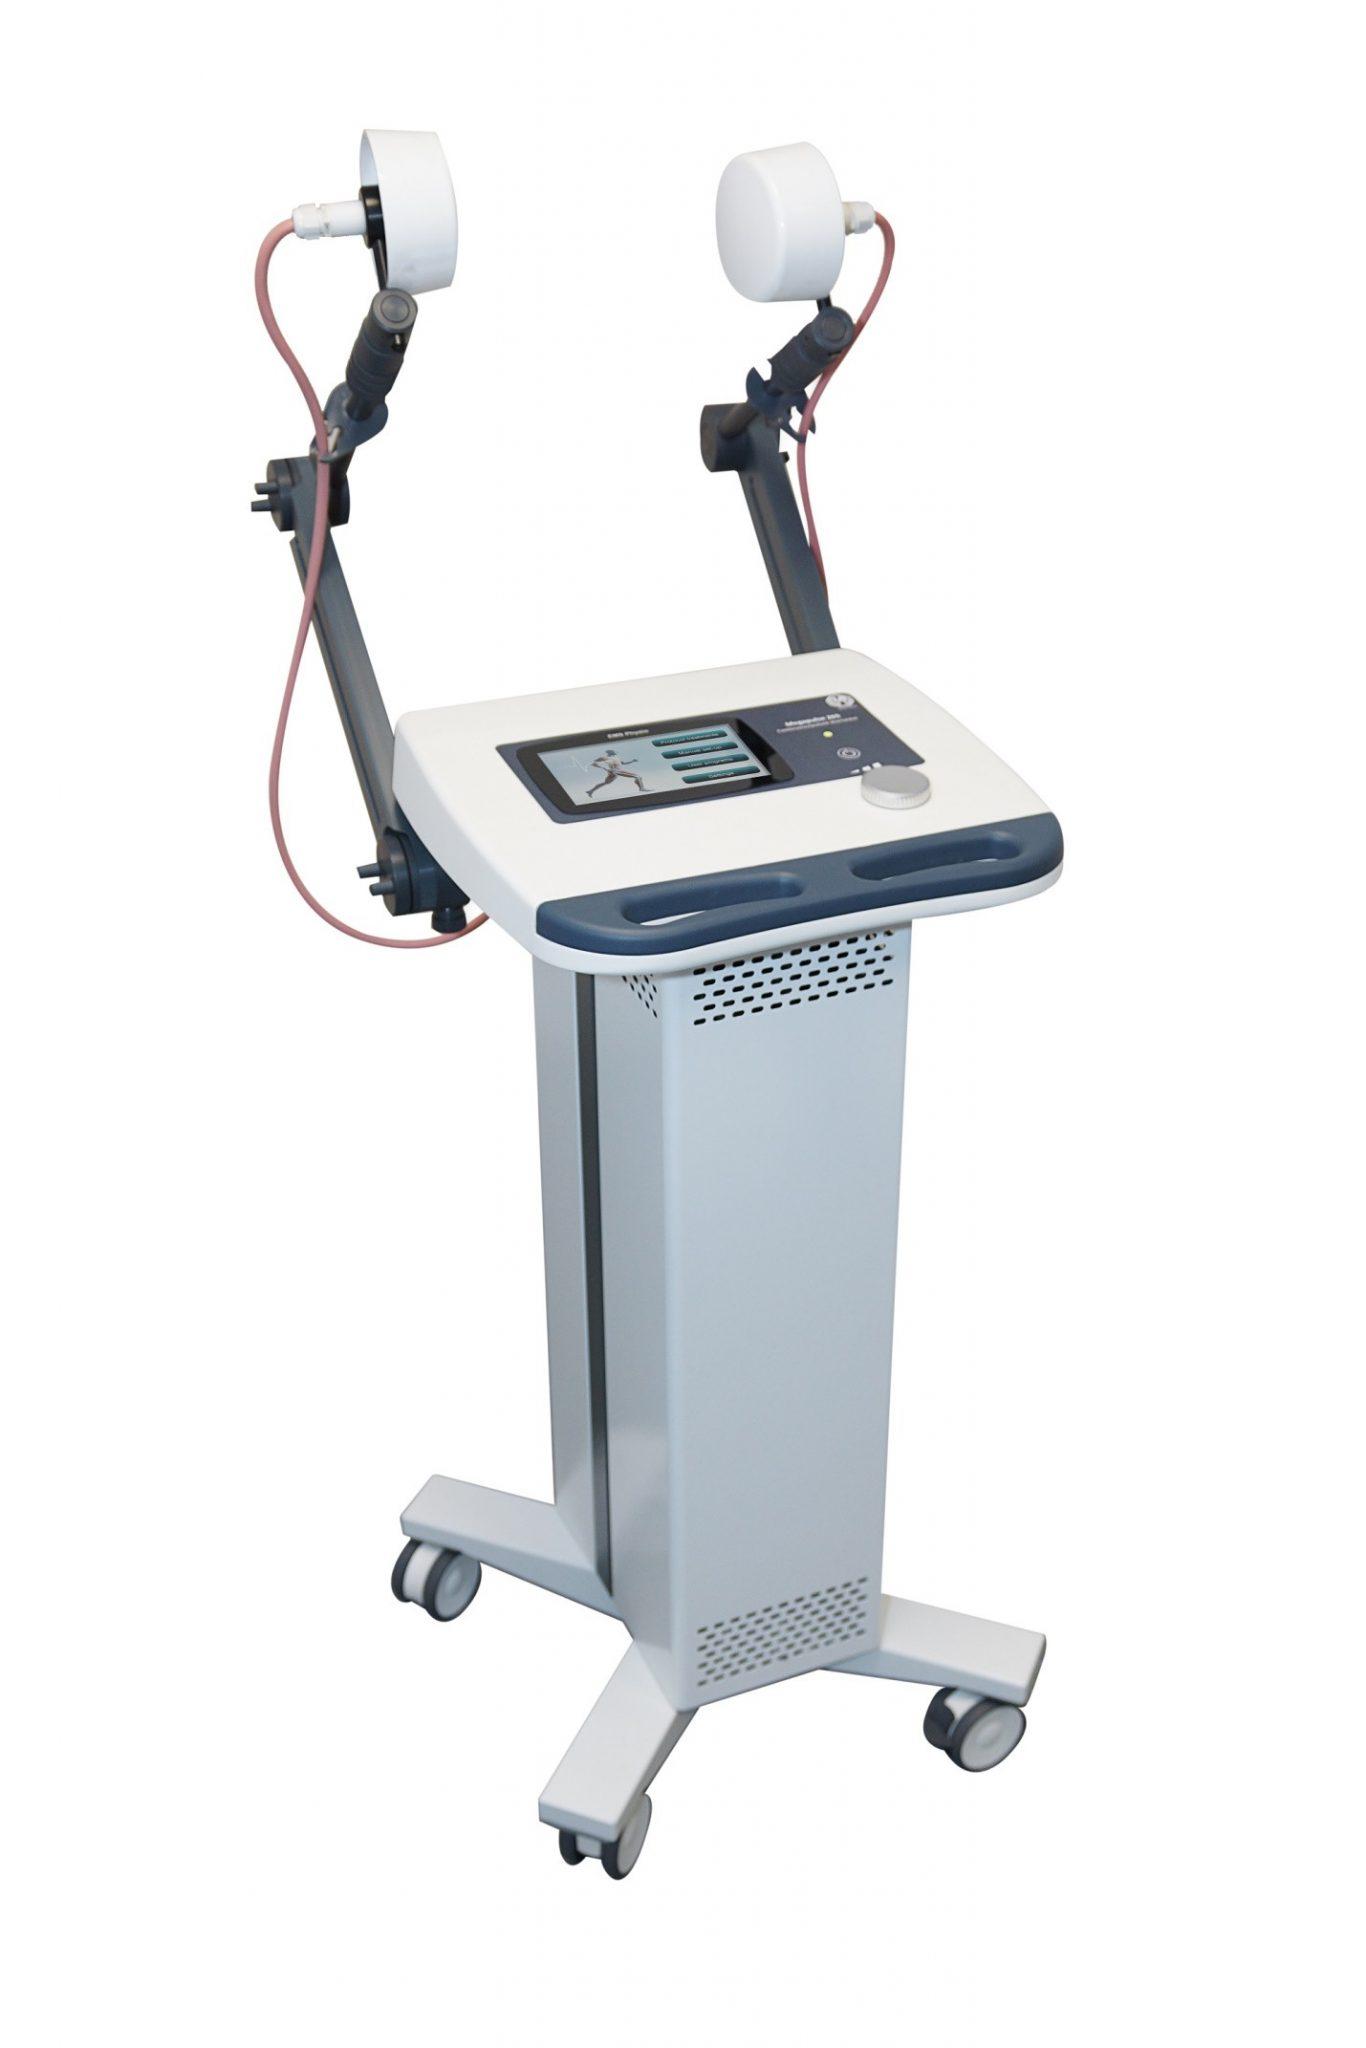 Sản phẩm Megapulse Senior 265 trị liệu sóng ngắn